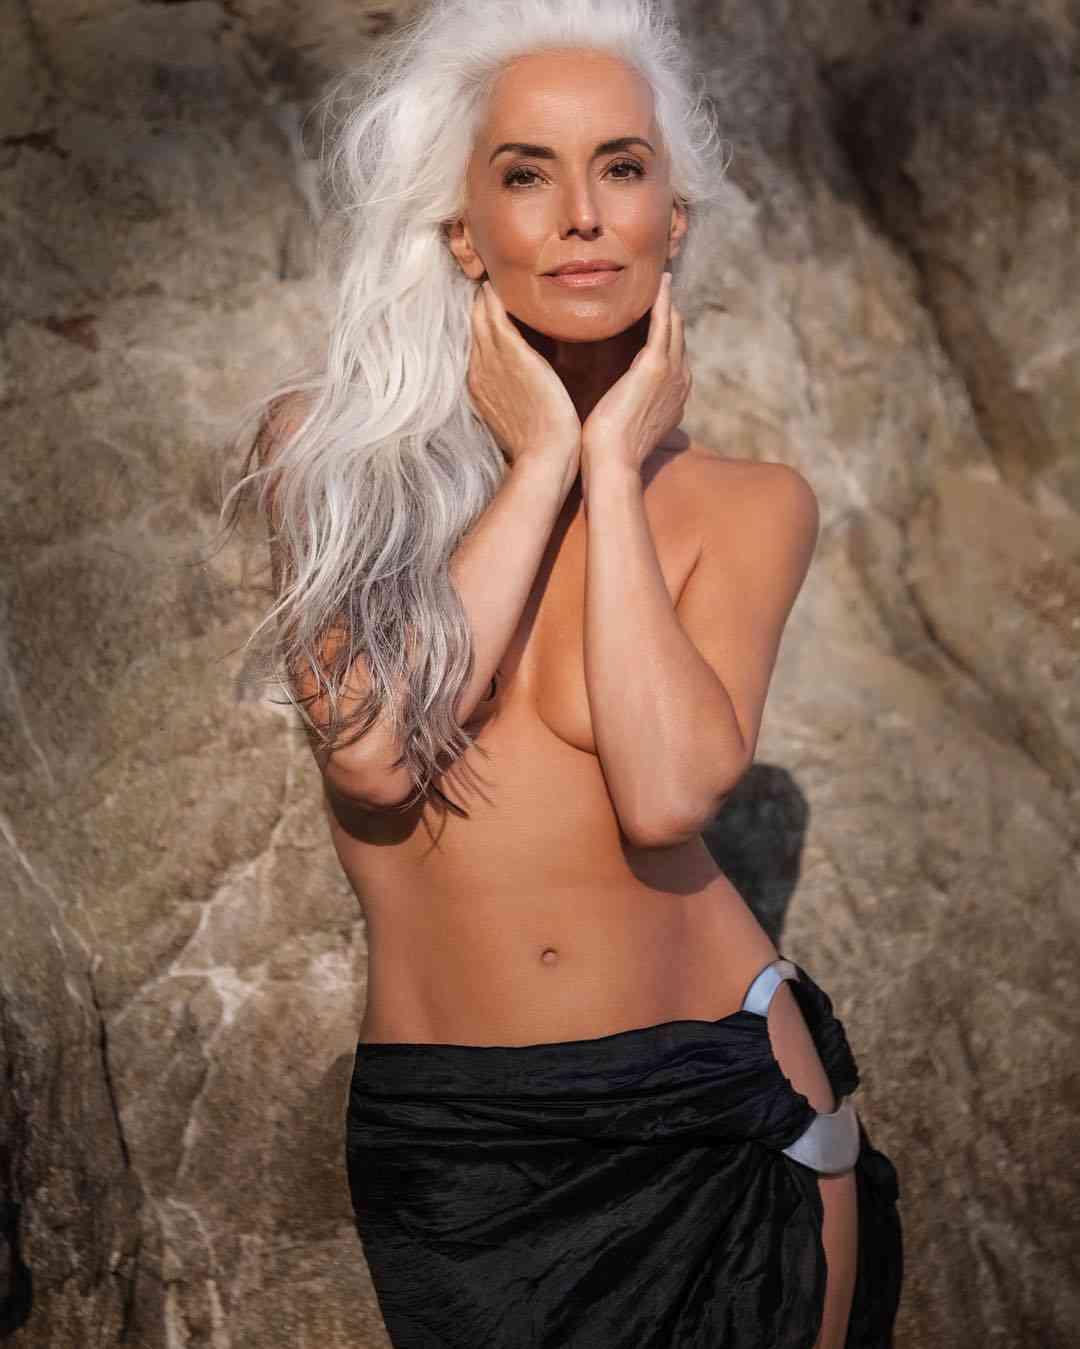 美魔女過ぎる米国の61歳の水着モデル 再び注目度が高まる